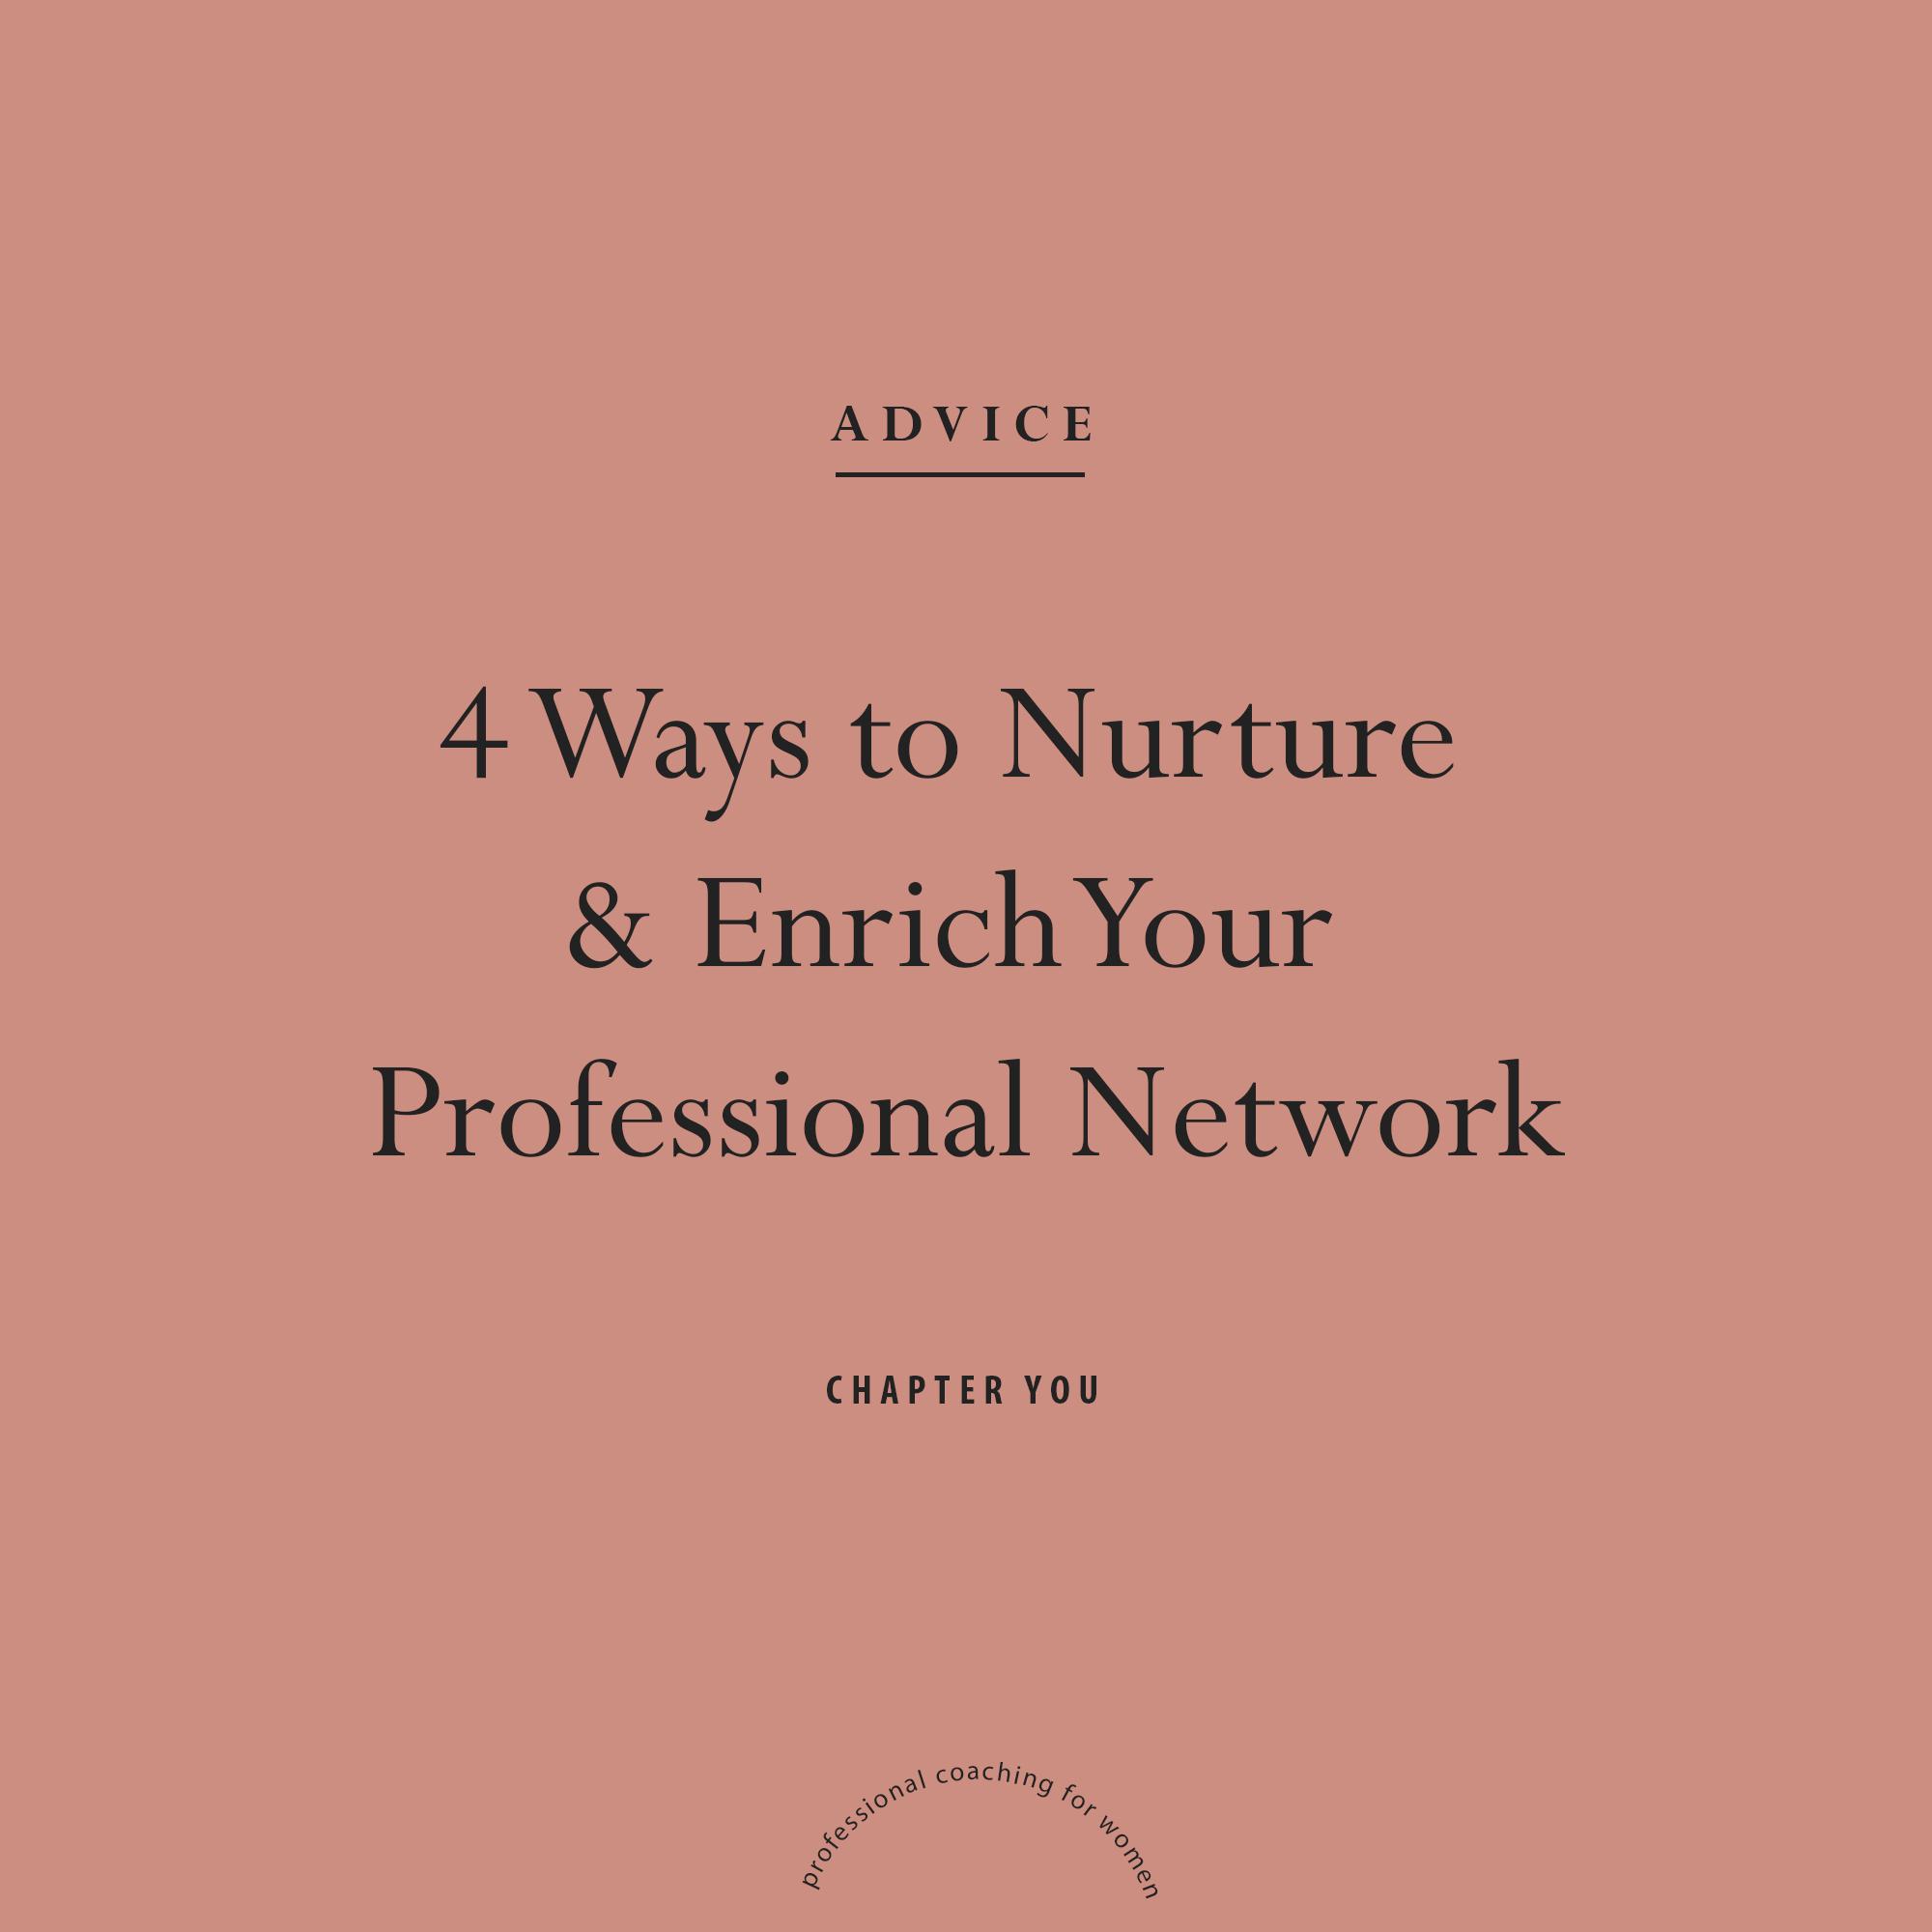 4 Ways to Nurture & Enrich Your Professional Networkr.jpg